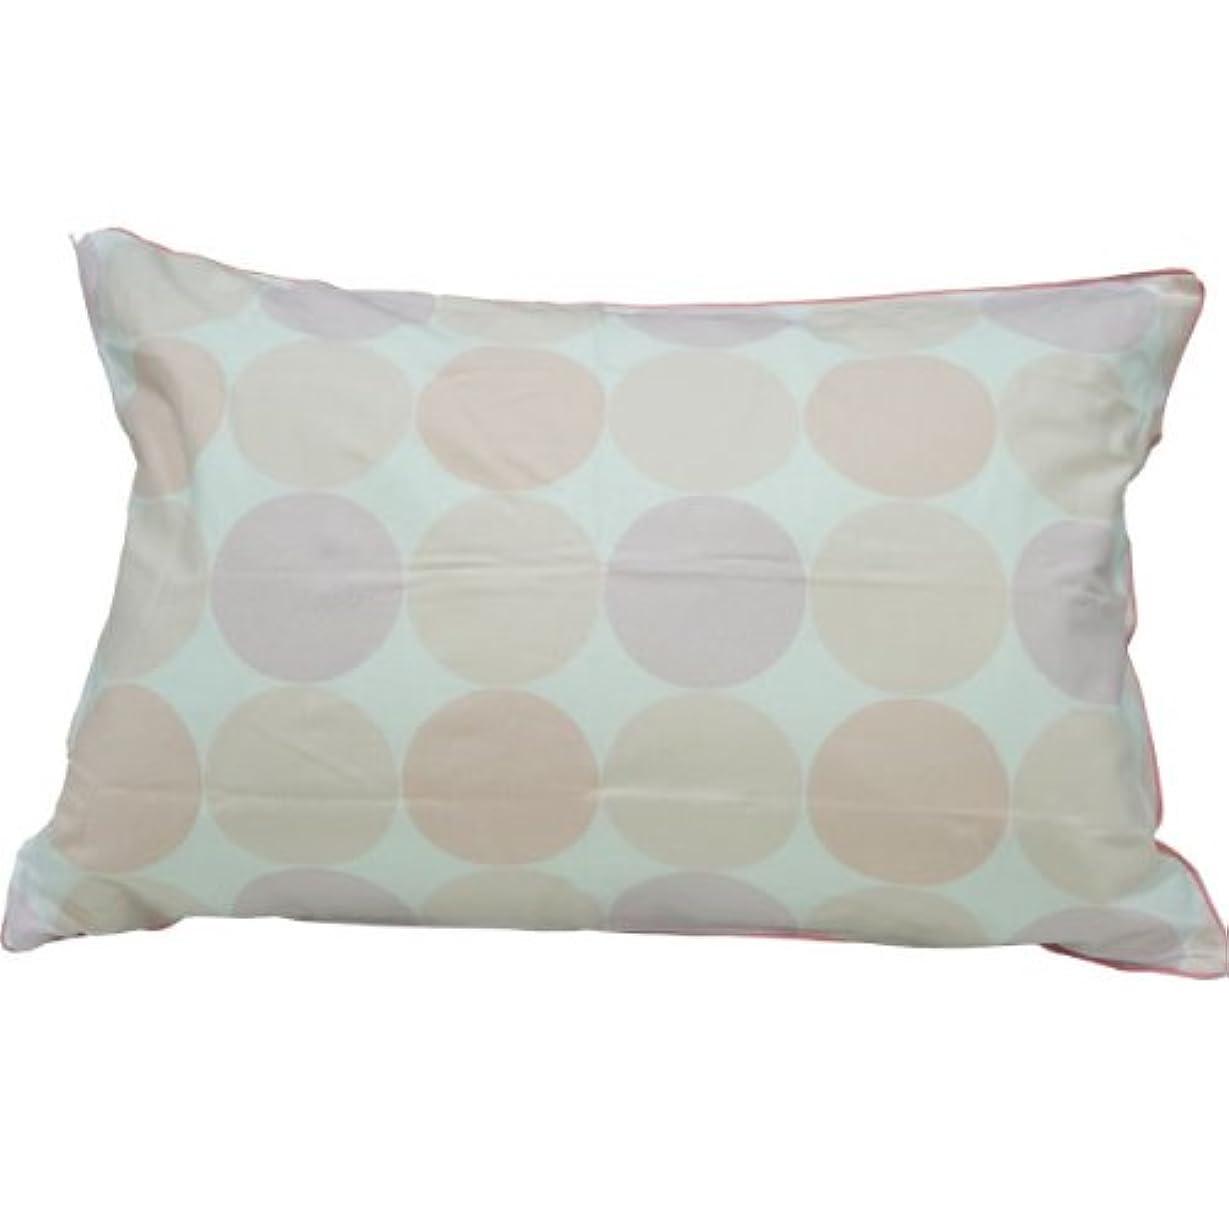 重力フォアタイプ詩人【枕カバー 43×63】 ドット柄 日本製 綿100% ピロケース ファスナータイプ (ピンク)